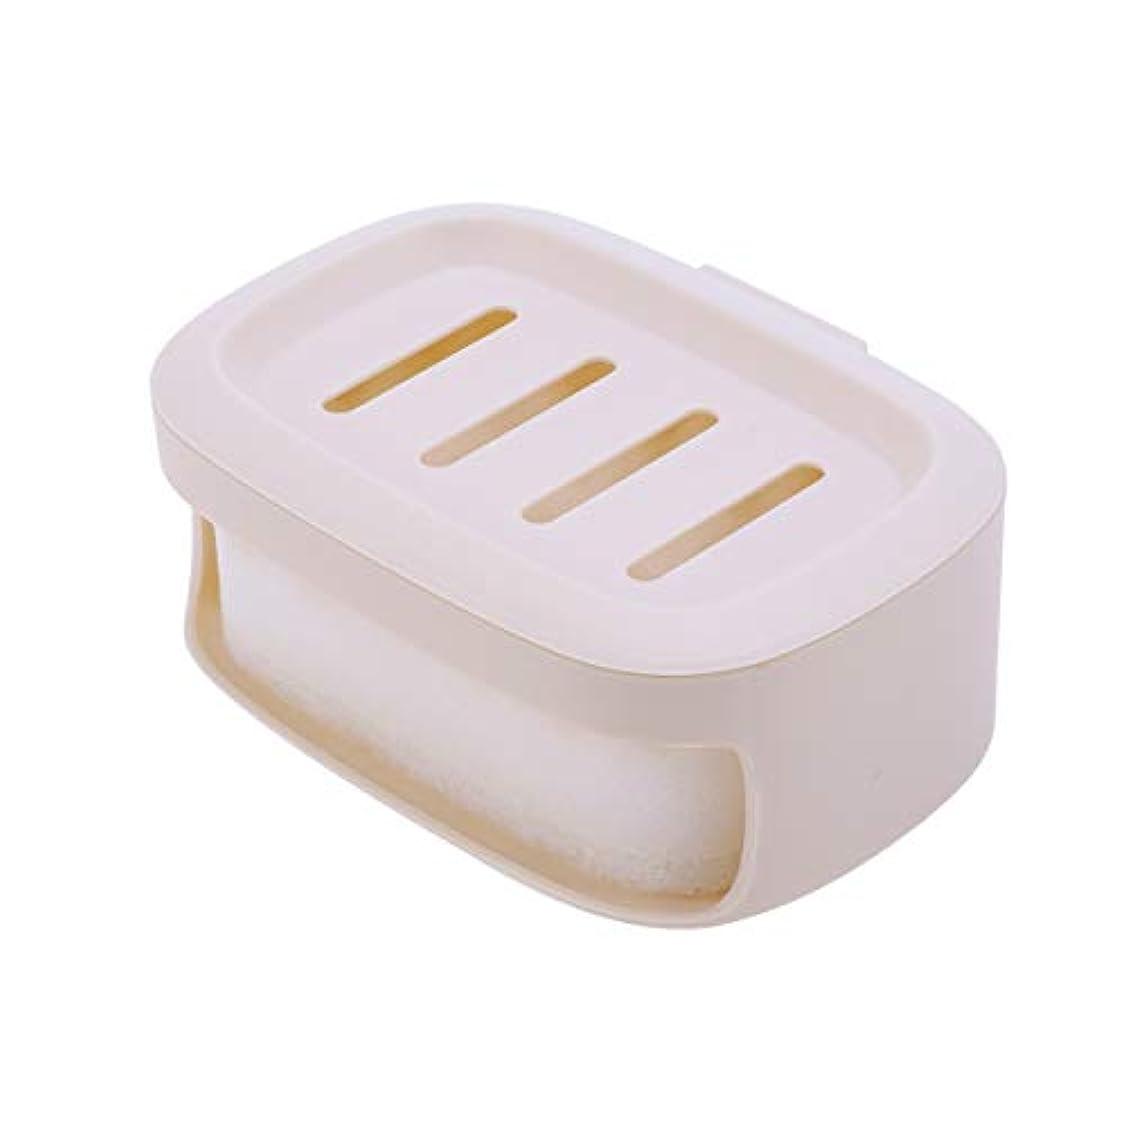 危険にさらされているセンチメンタル関係するHealifty せっけん箱防水シールせっけんコンテナ二重層せっけん収納ケース(カーキ)